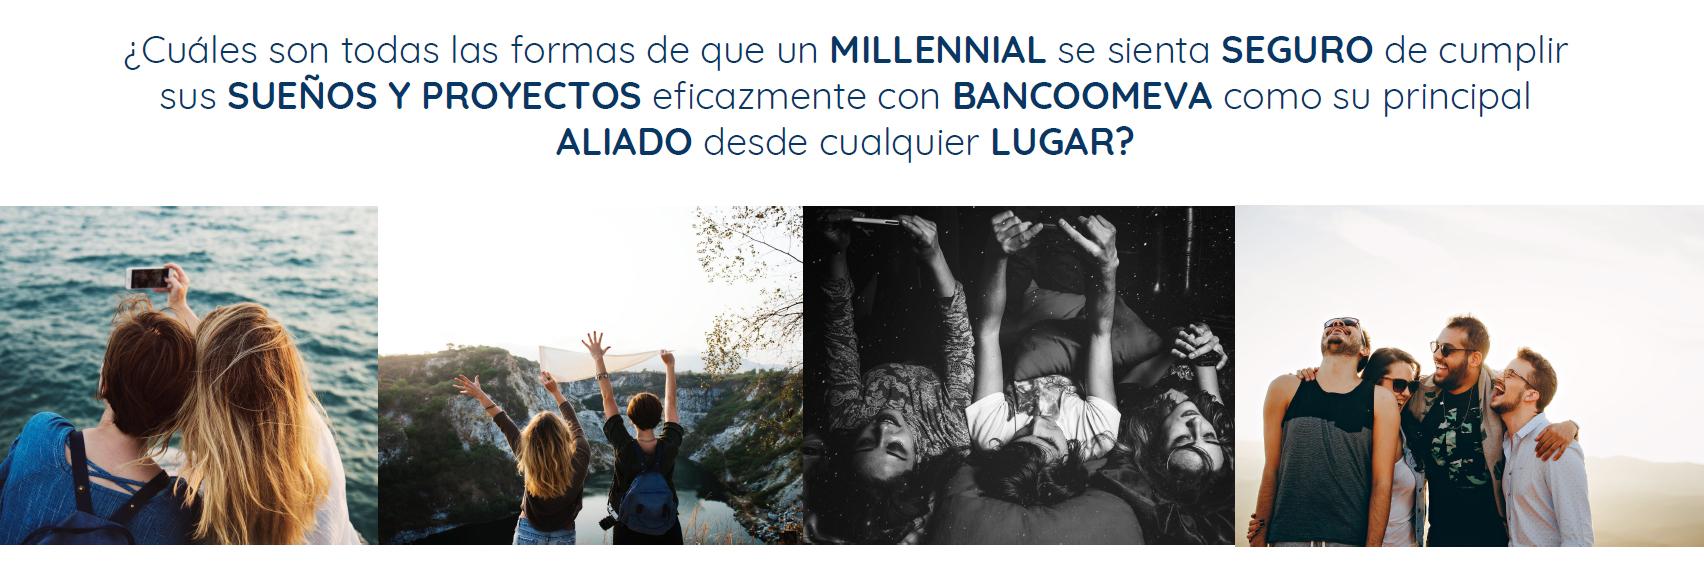 our-challenge-bancoomeva